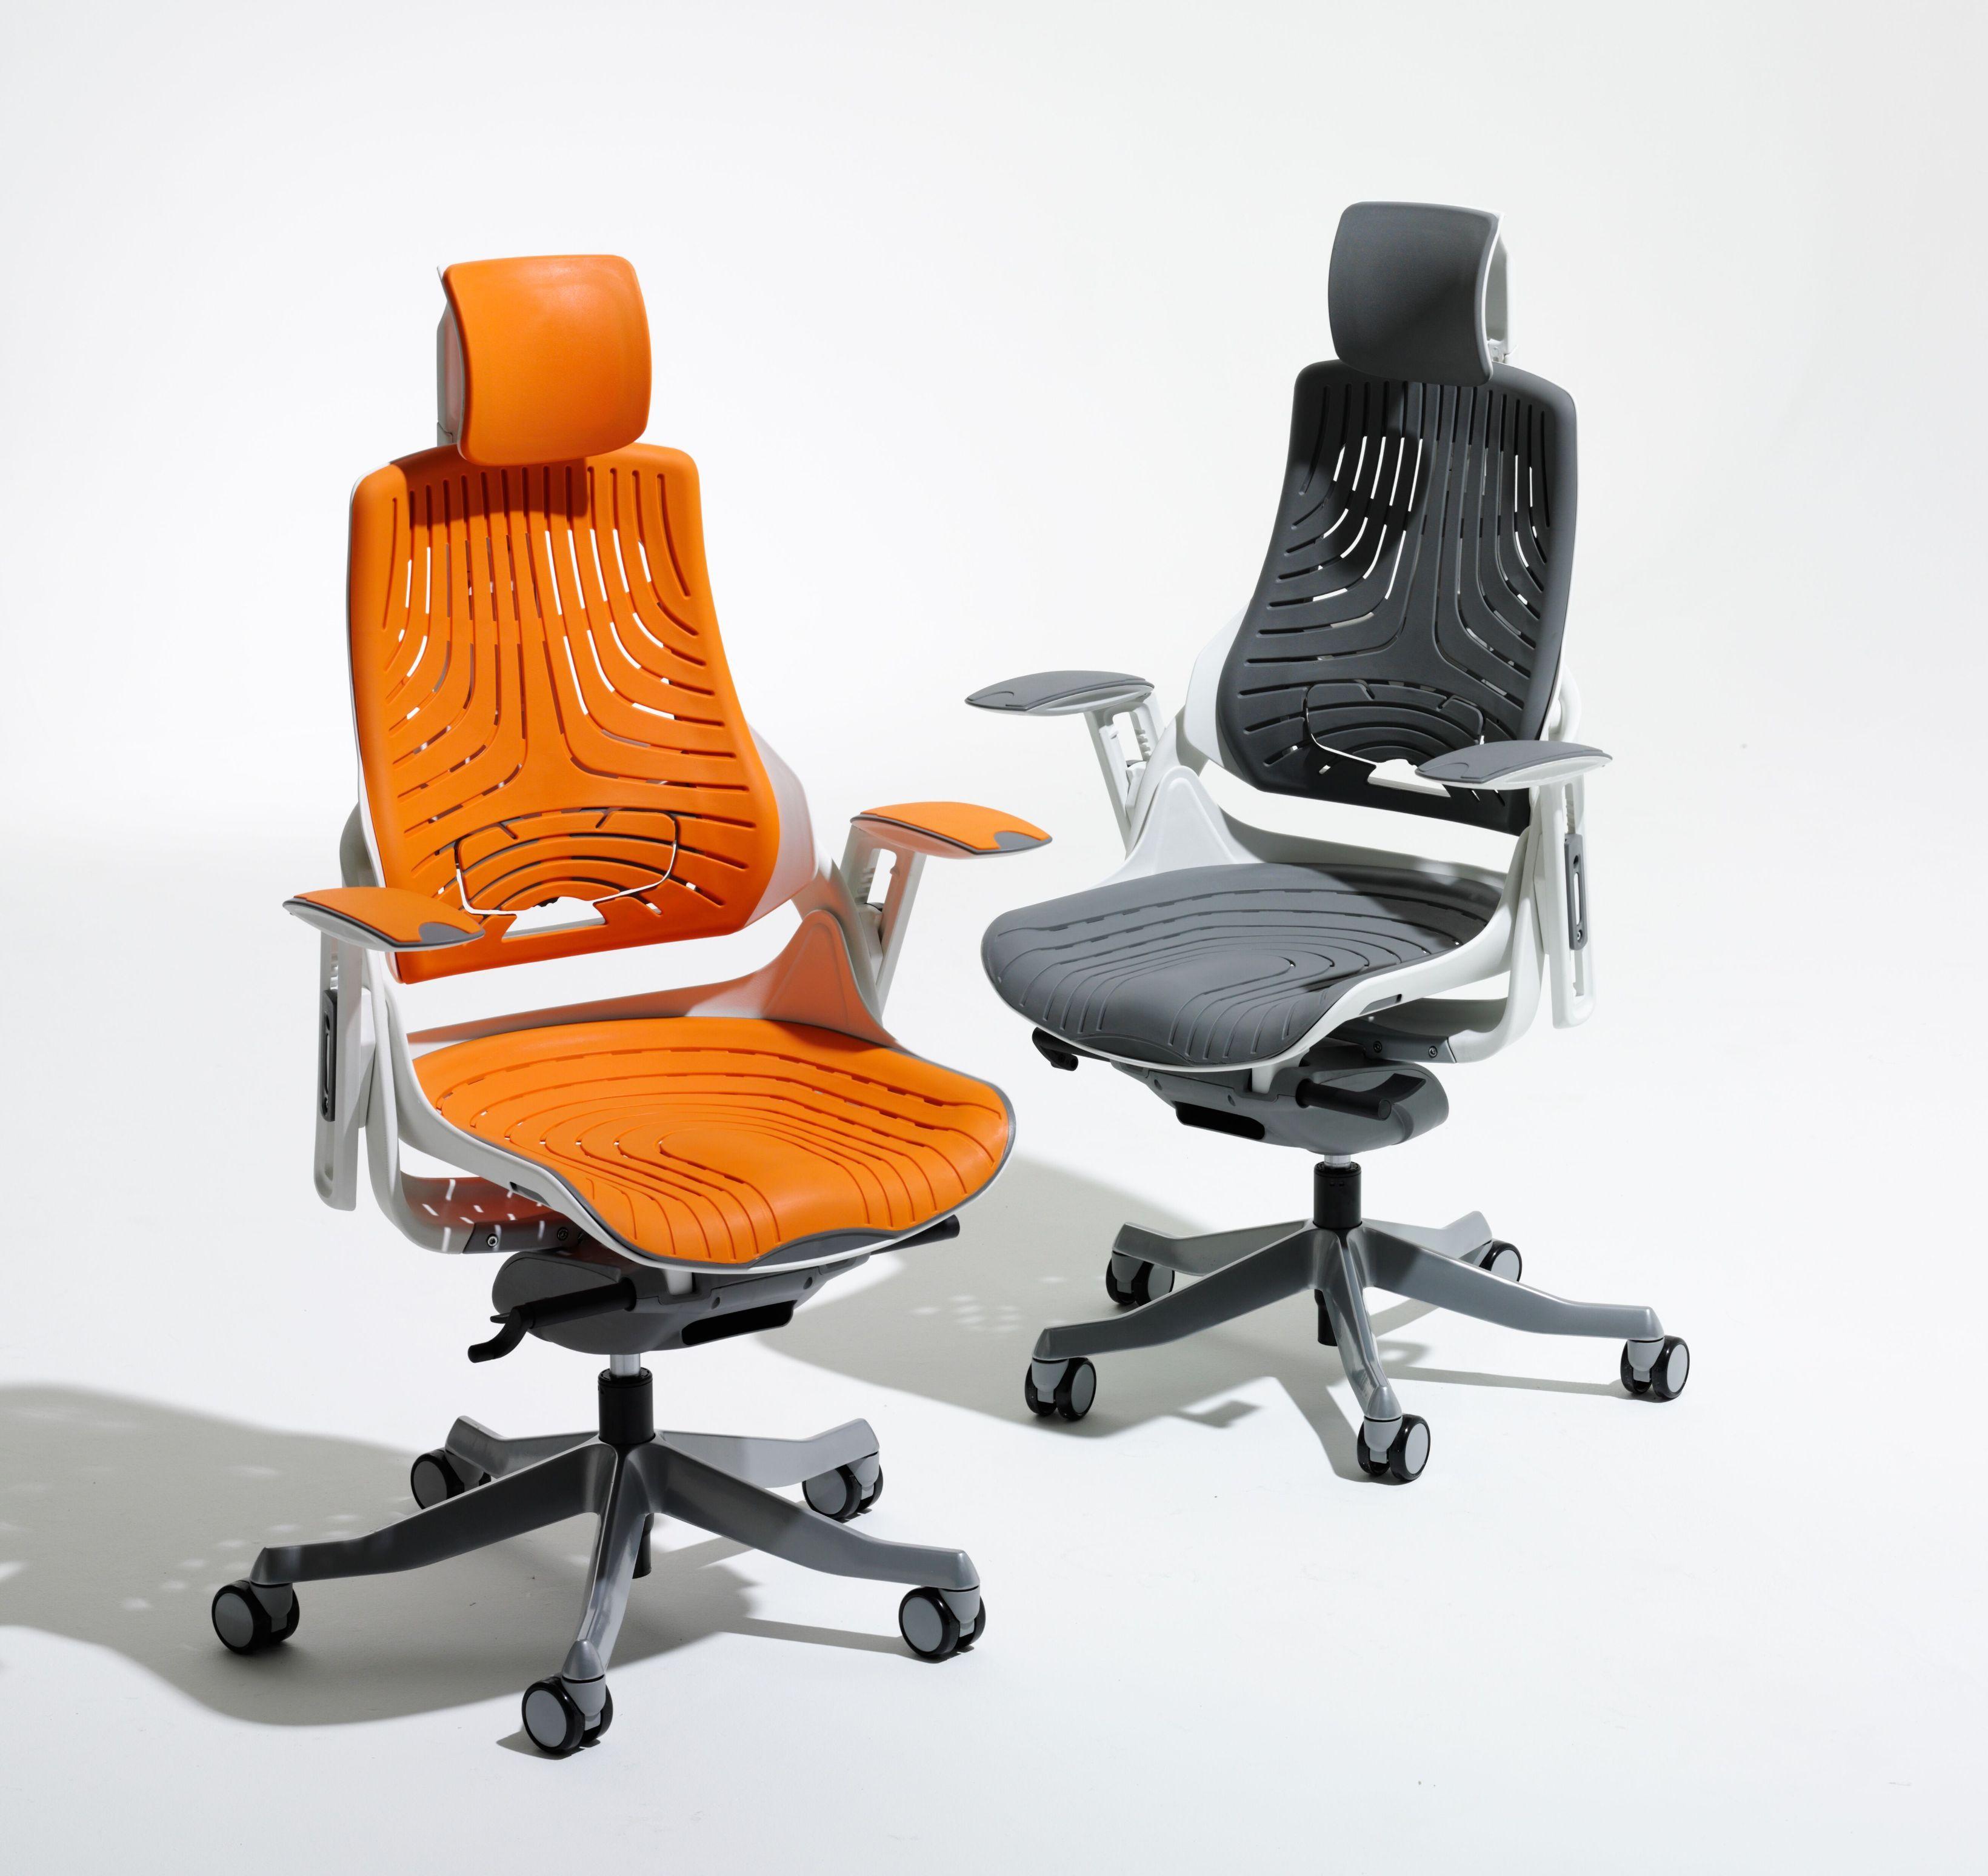 Elastomer Offce Chair Zoo Orange With Headrest